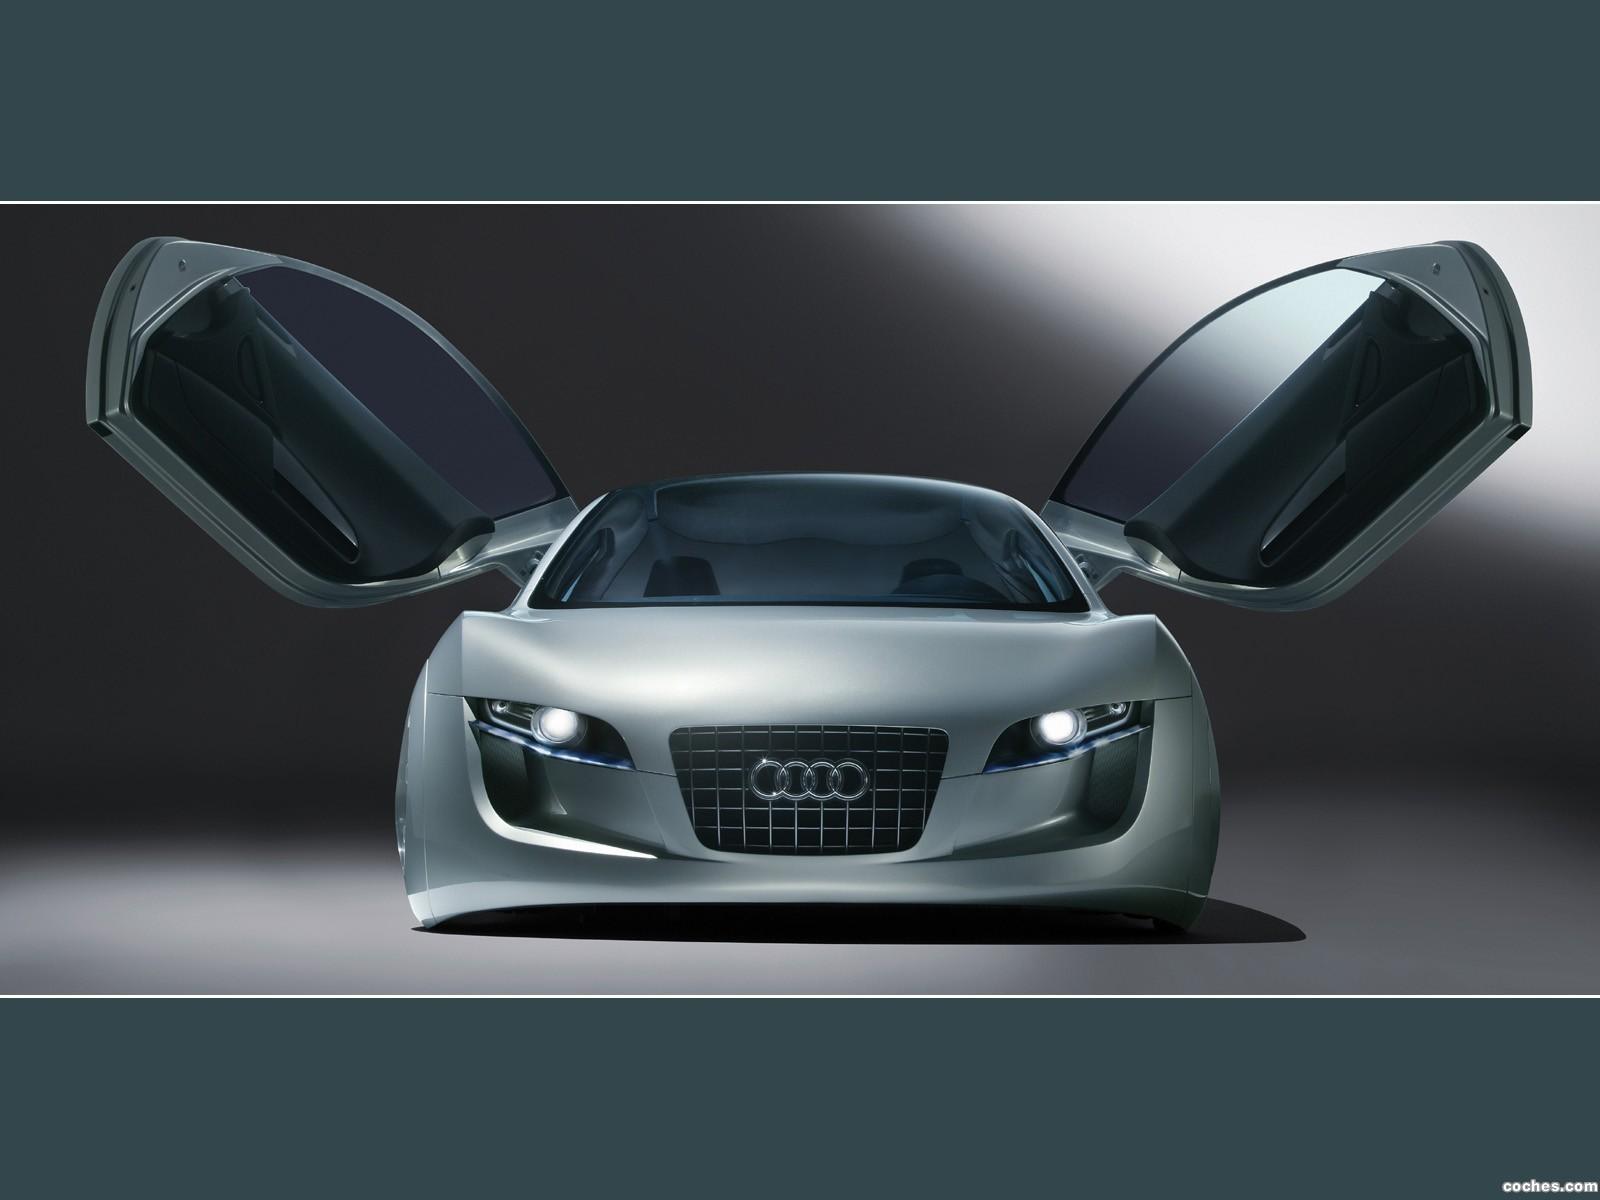 Foto 4 de Audi RSQ Concept 2004